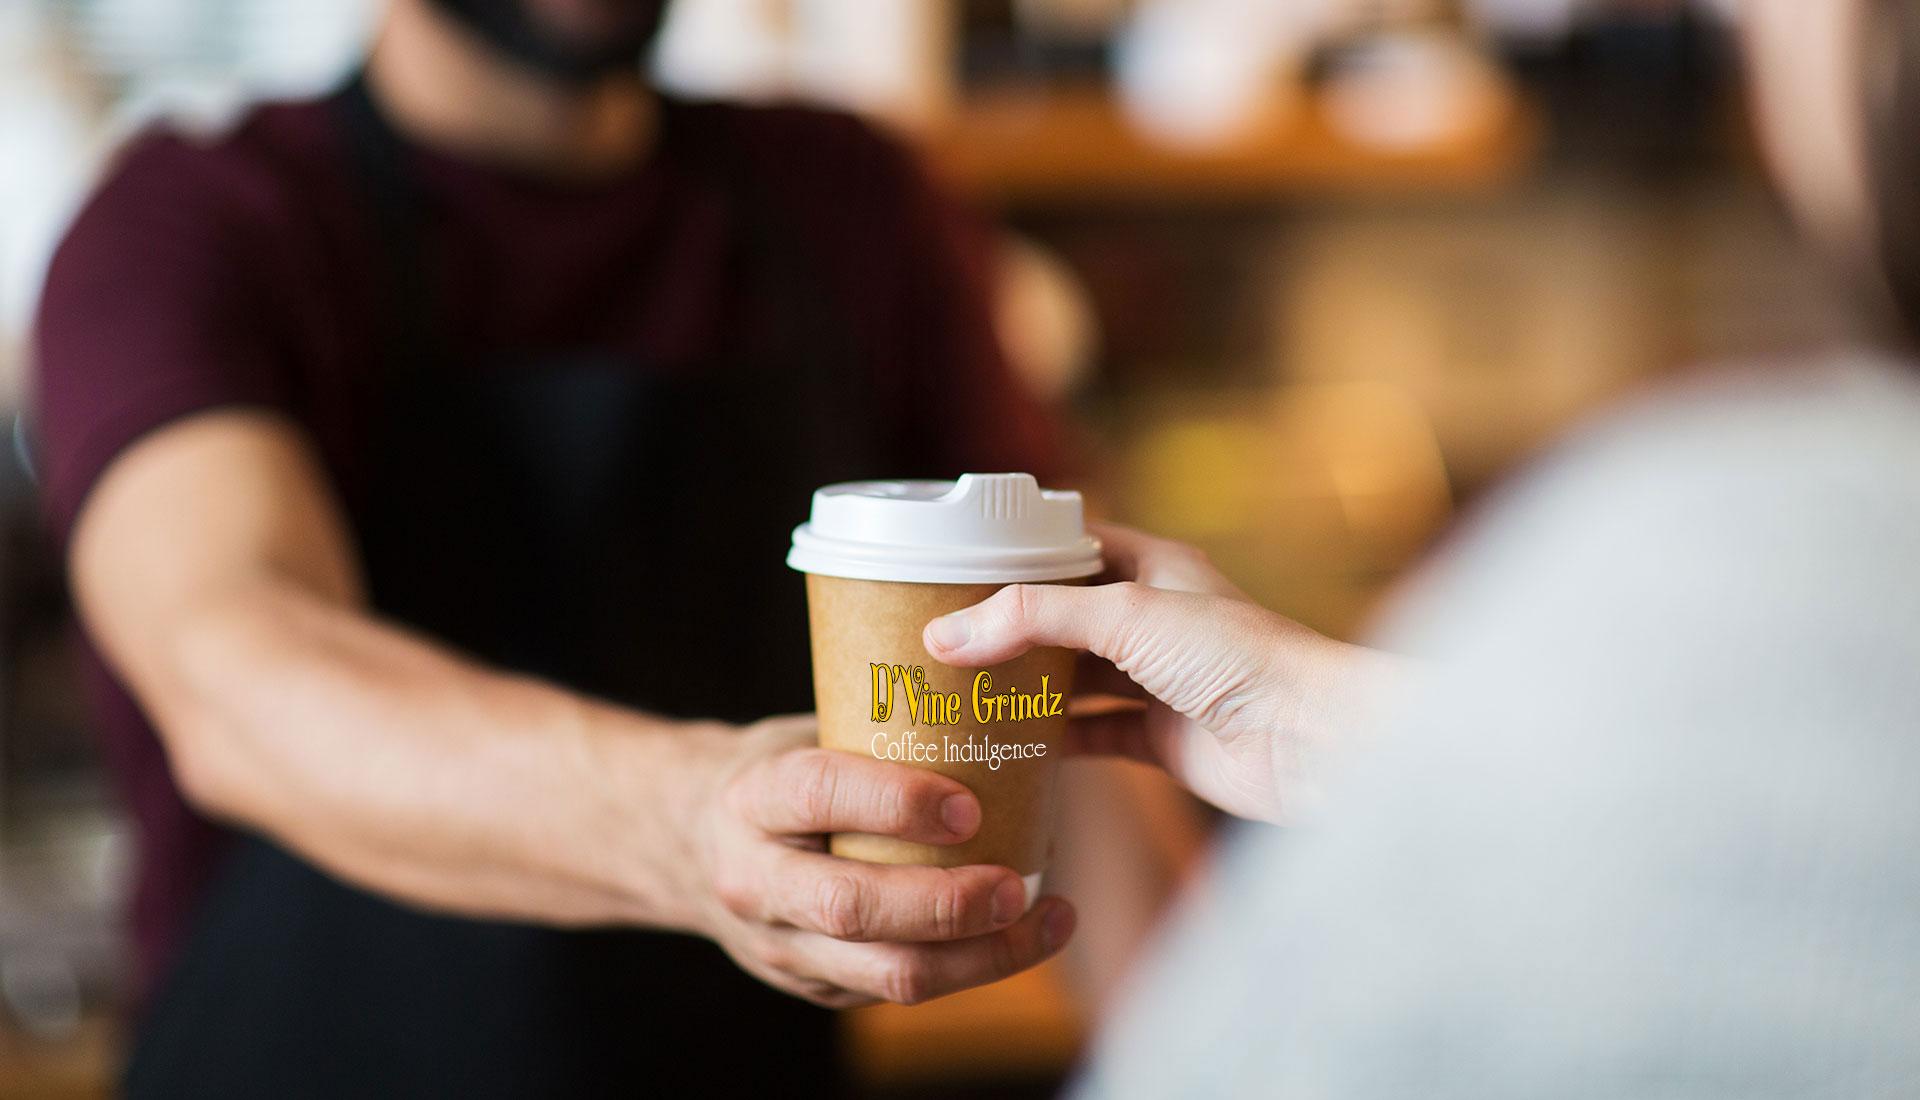 dvine grindz barista coffee